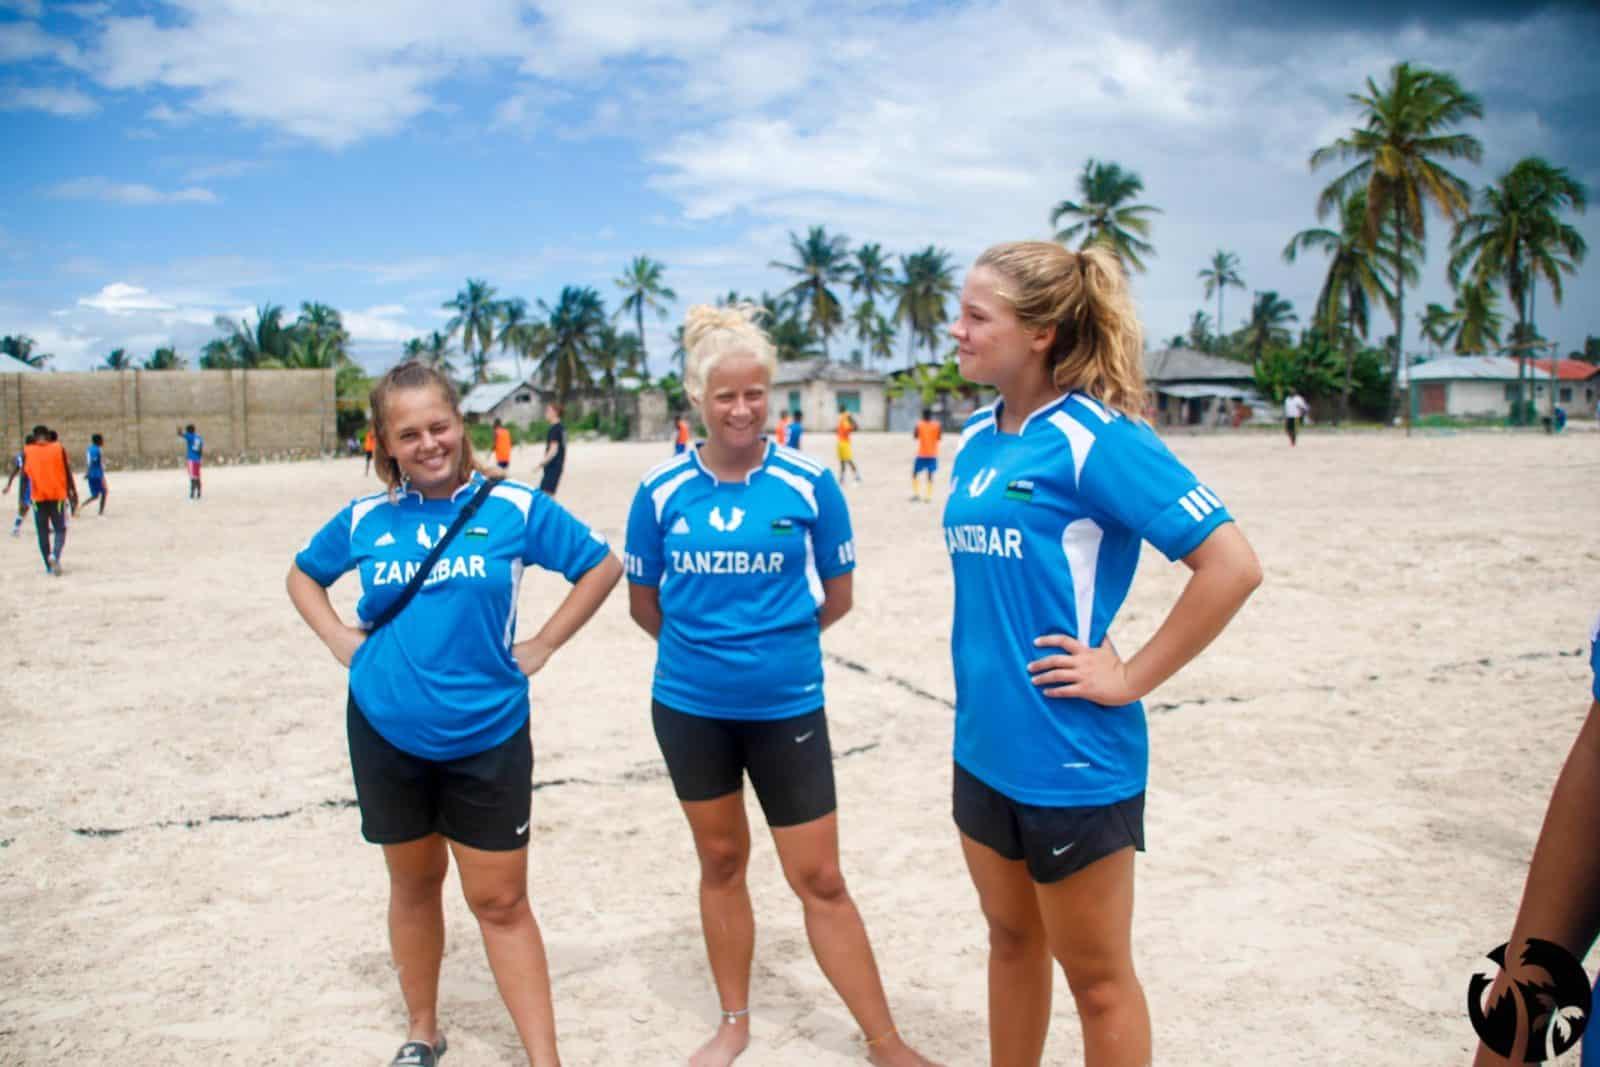 Frivilligt arbejde - Sportsdag 2 - Højskole i udlandet - Zanzibar Højskolen Afrika_-6